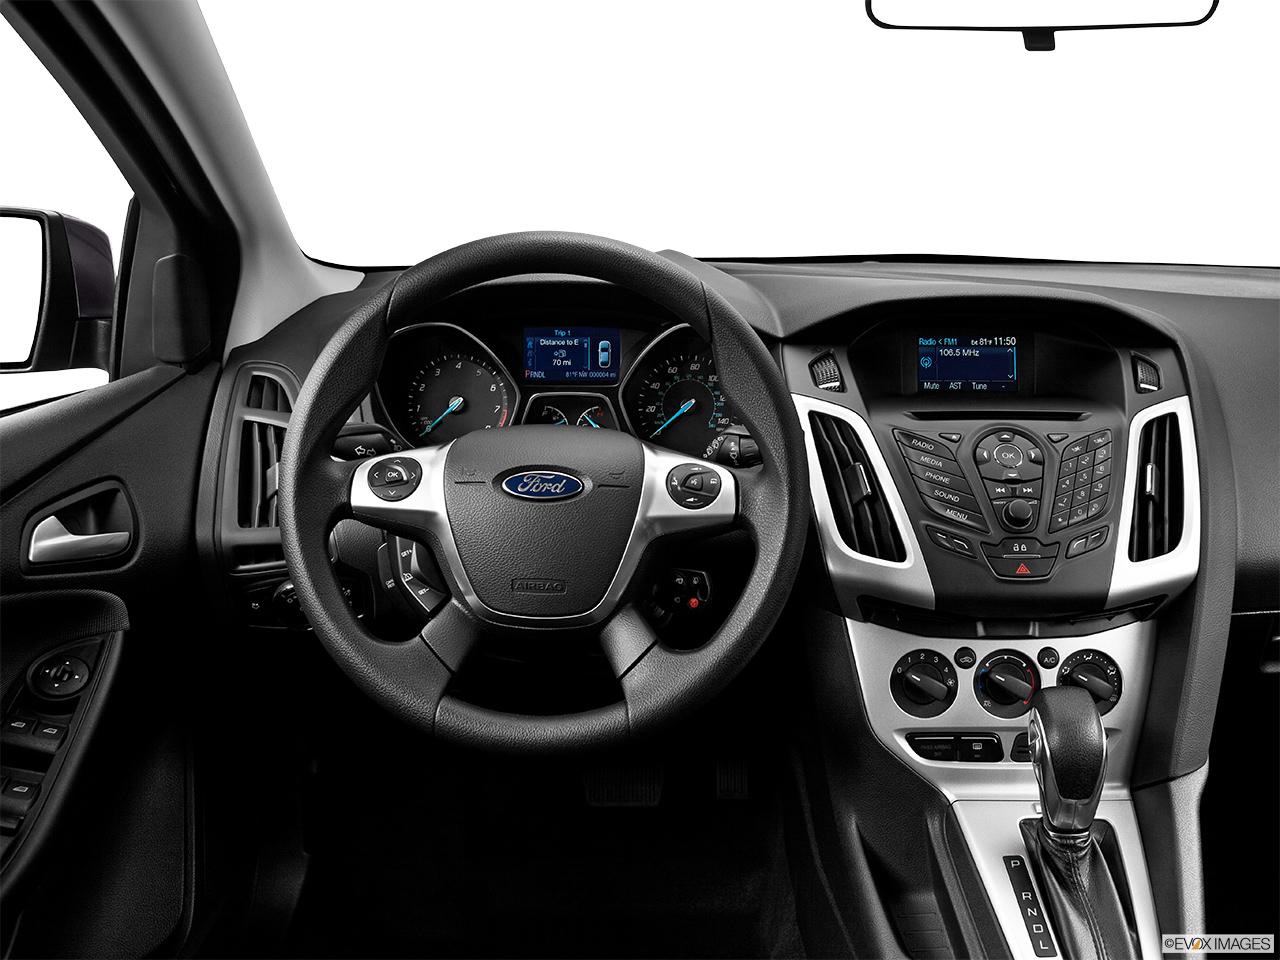 2014 Ford Focus 5dr Hatchback Se Steering Wheel Center